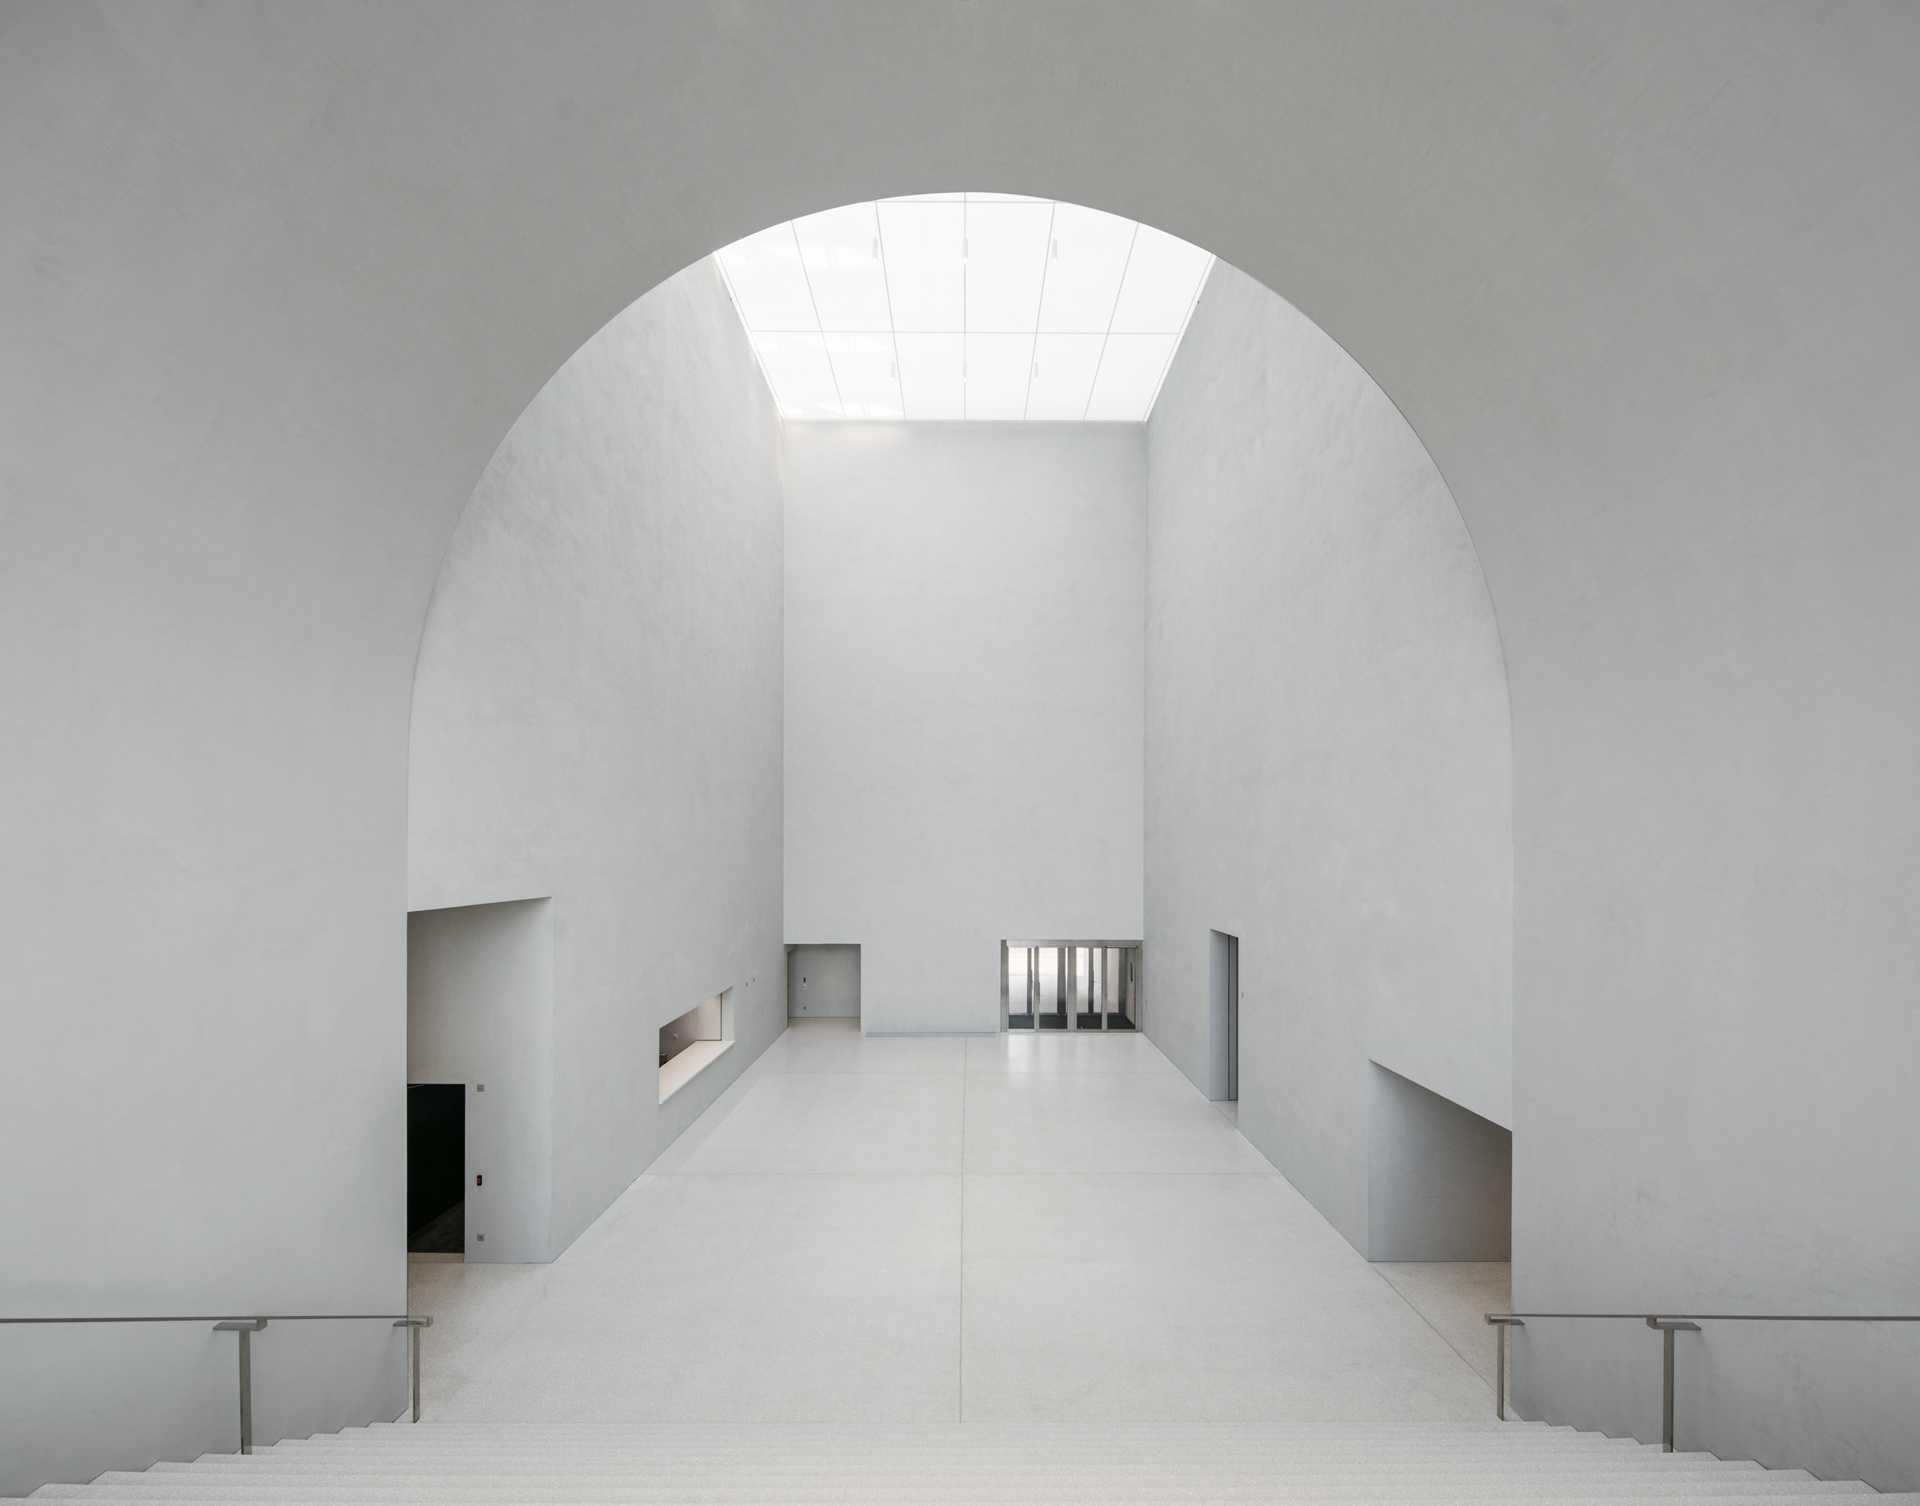 Musée Cantonal des Beaux-Arts  - 17 07 45